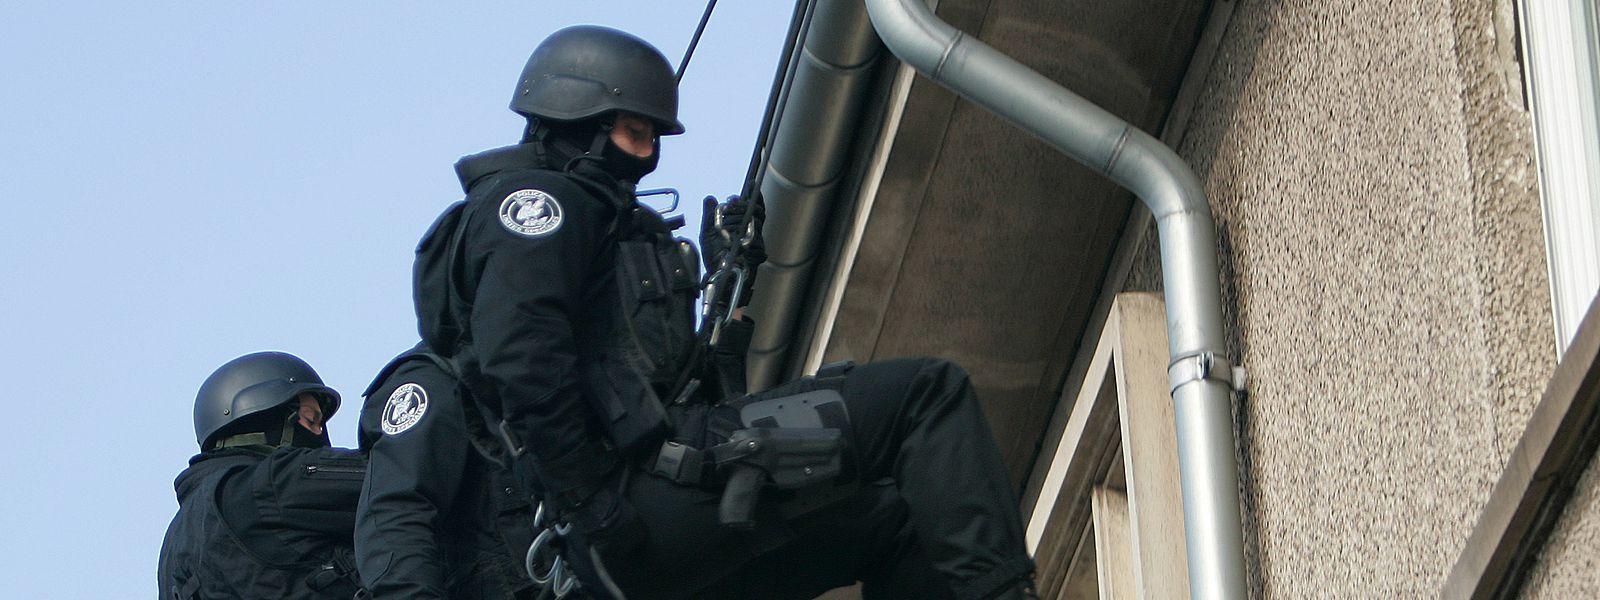 Les quelque 70 policiers de l'USP doivent être «aptes du point de vue psychique et physique» et avoir moins de 35 ans.